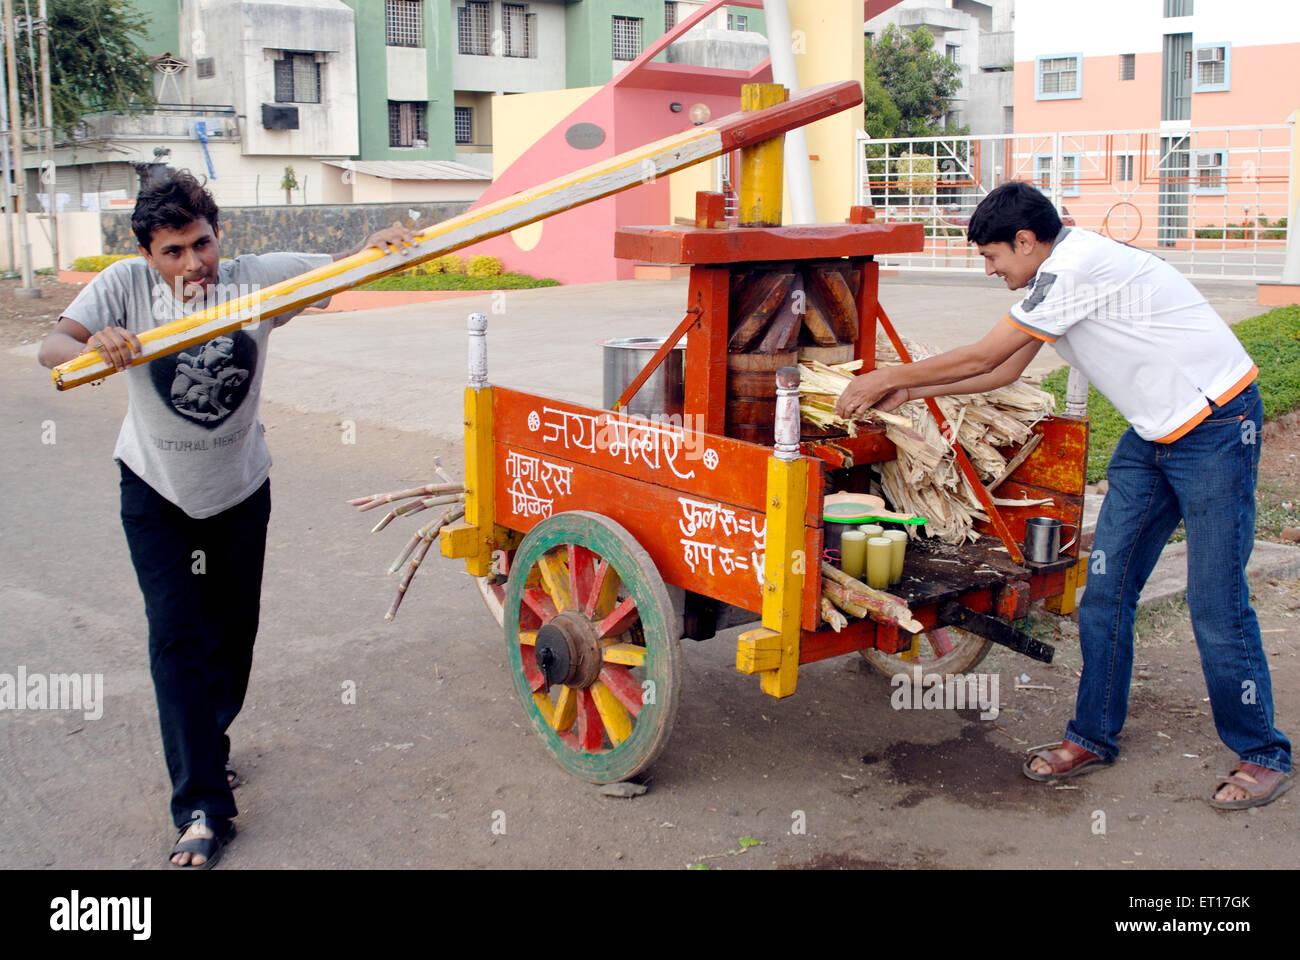 Indian man vendor using manual sugarcane juice extractor machine Nasik Maharashtra India MR#364 - Stock Image